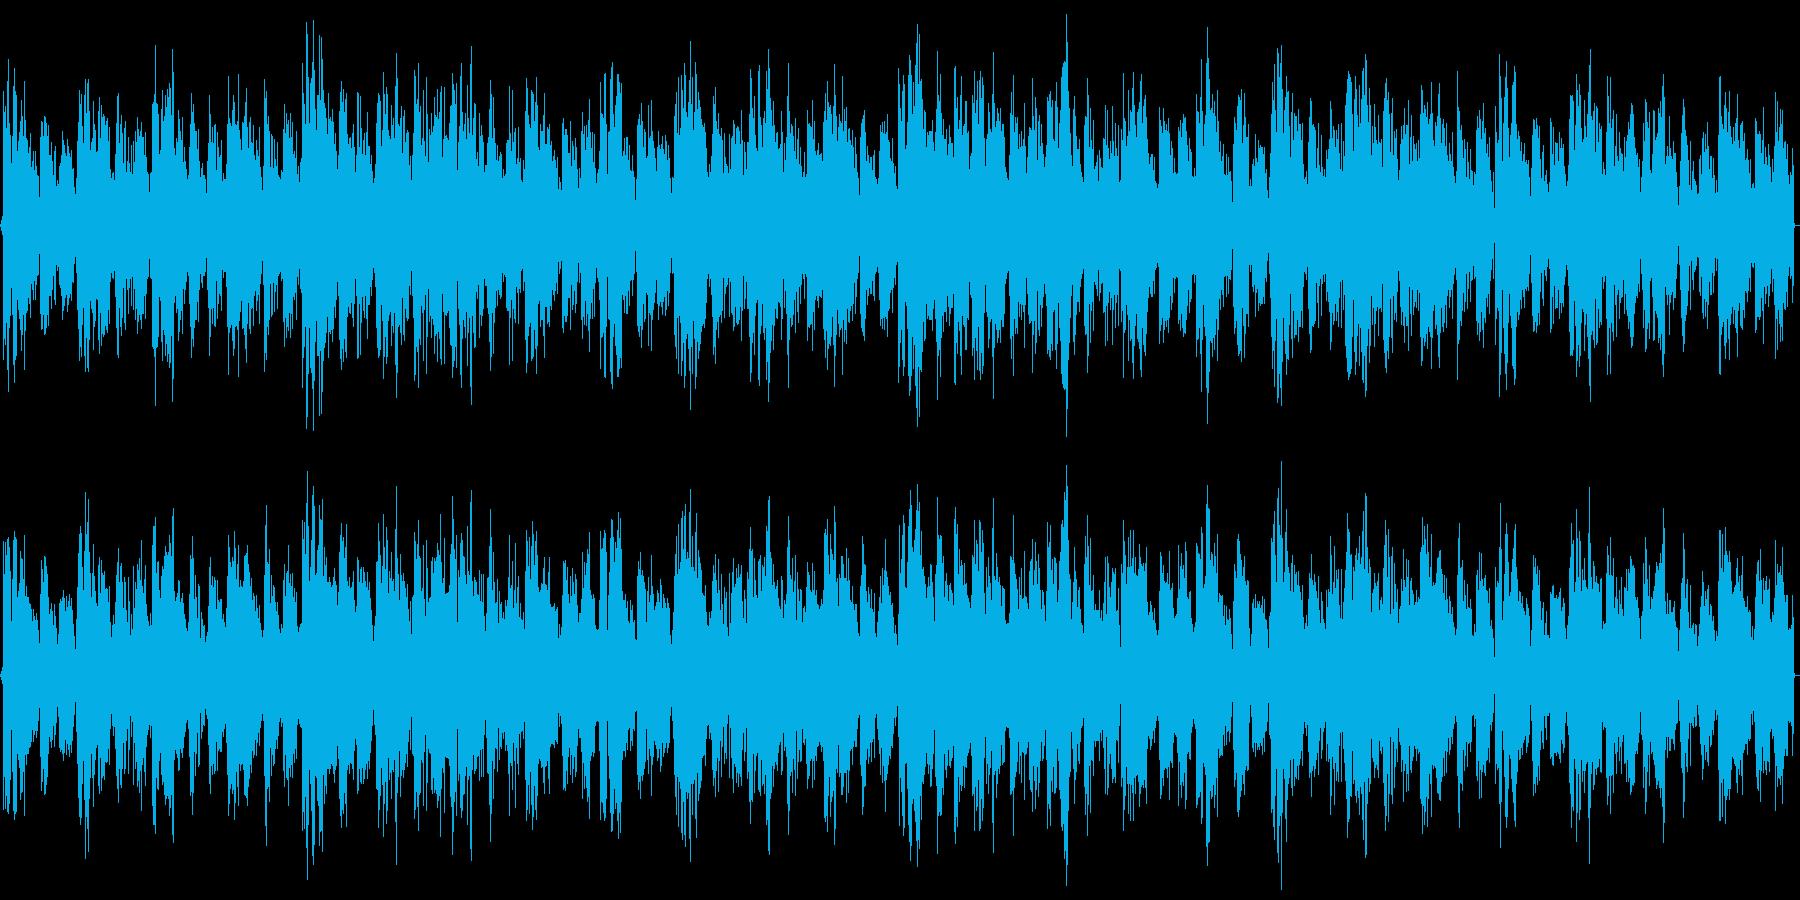 クラブのBGMを想定したパワフルな楽曲の再生済みの波形